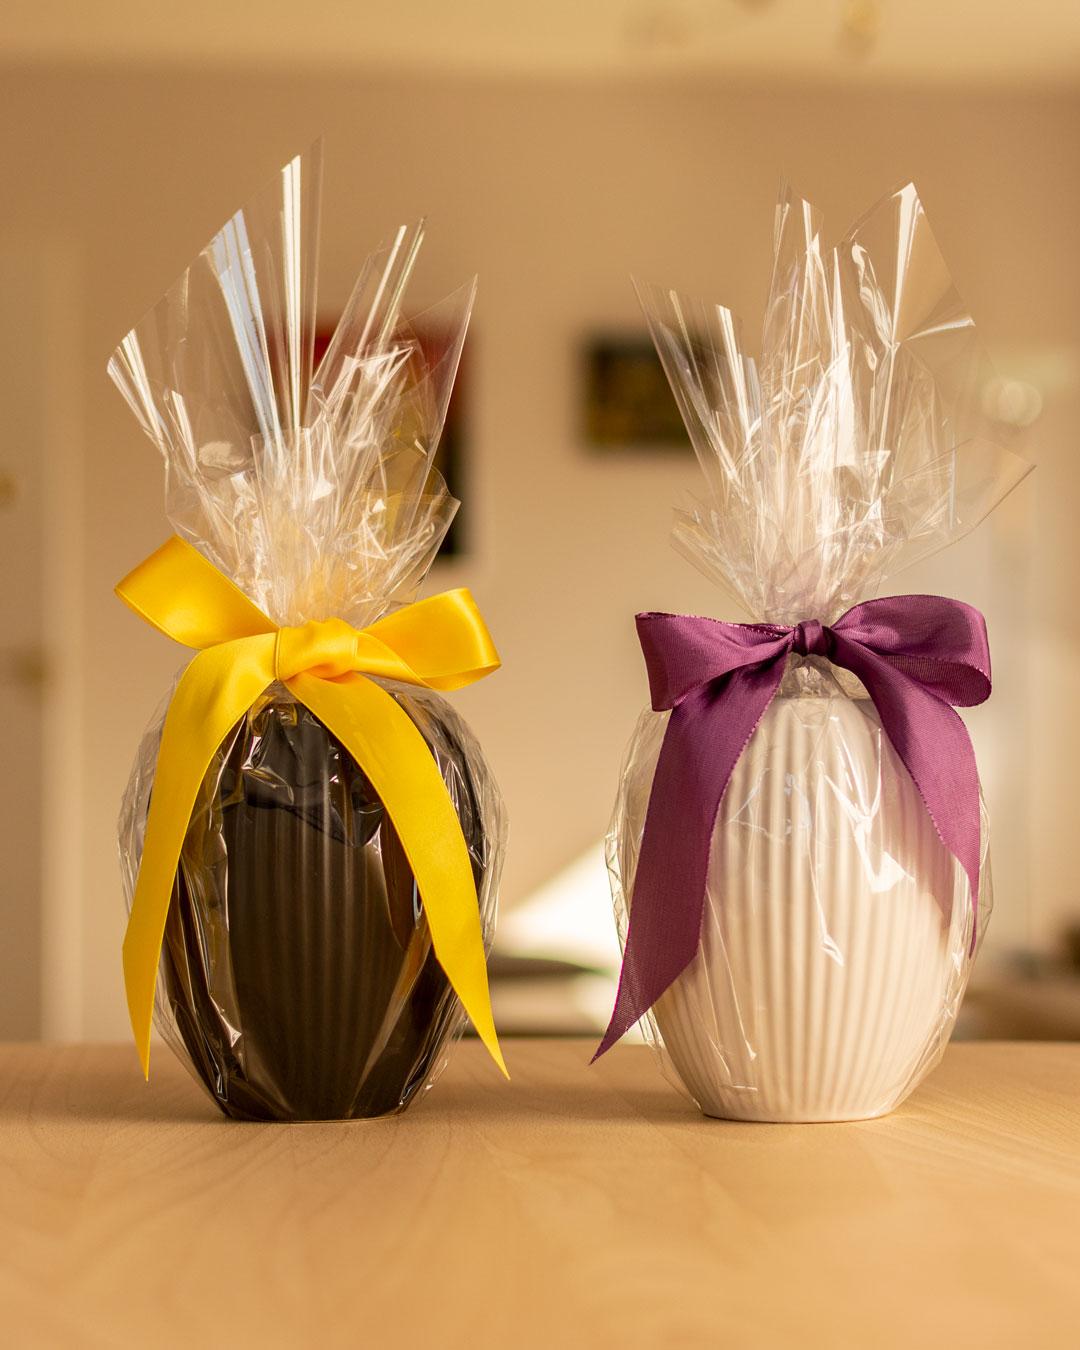 Sort og hvid vase i keramik fra Michael Andersen med gul og lilla sløjfe pakket ind som påskeæg